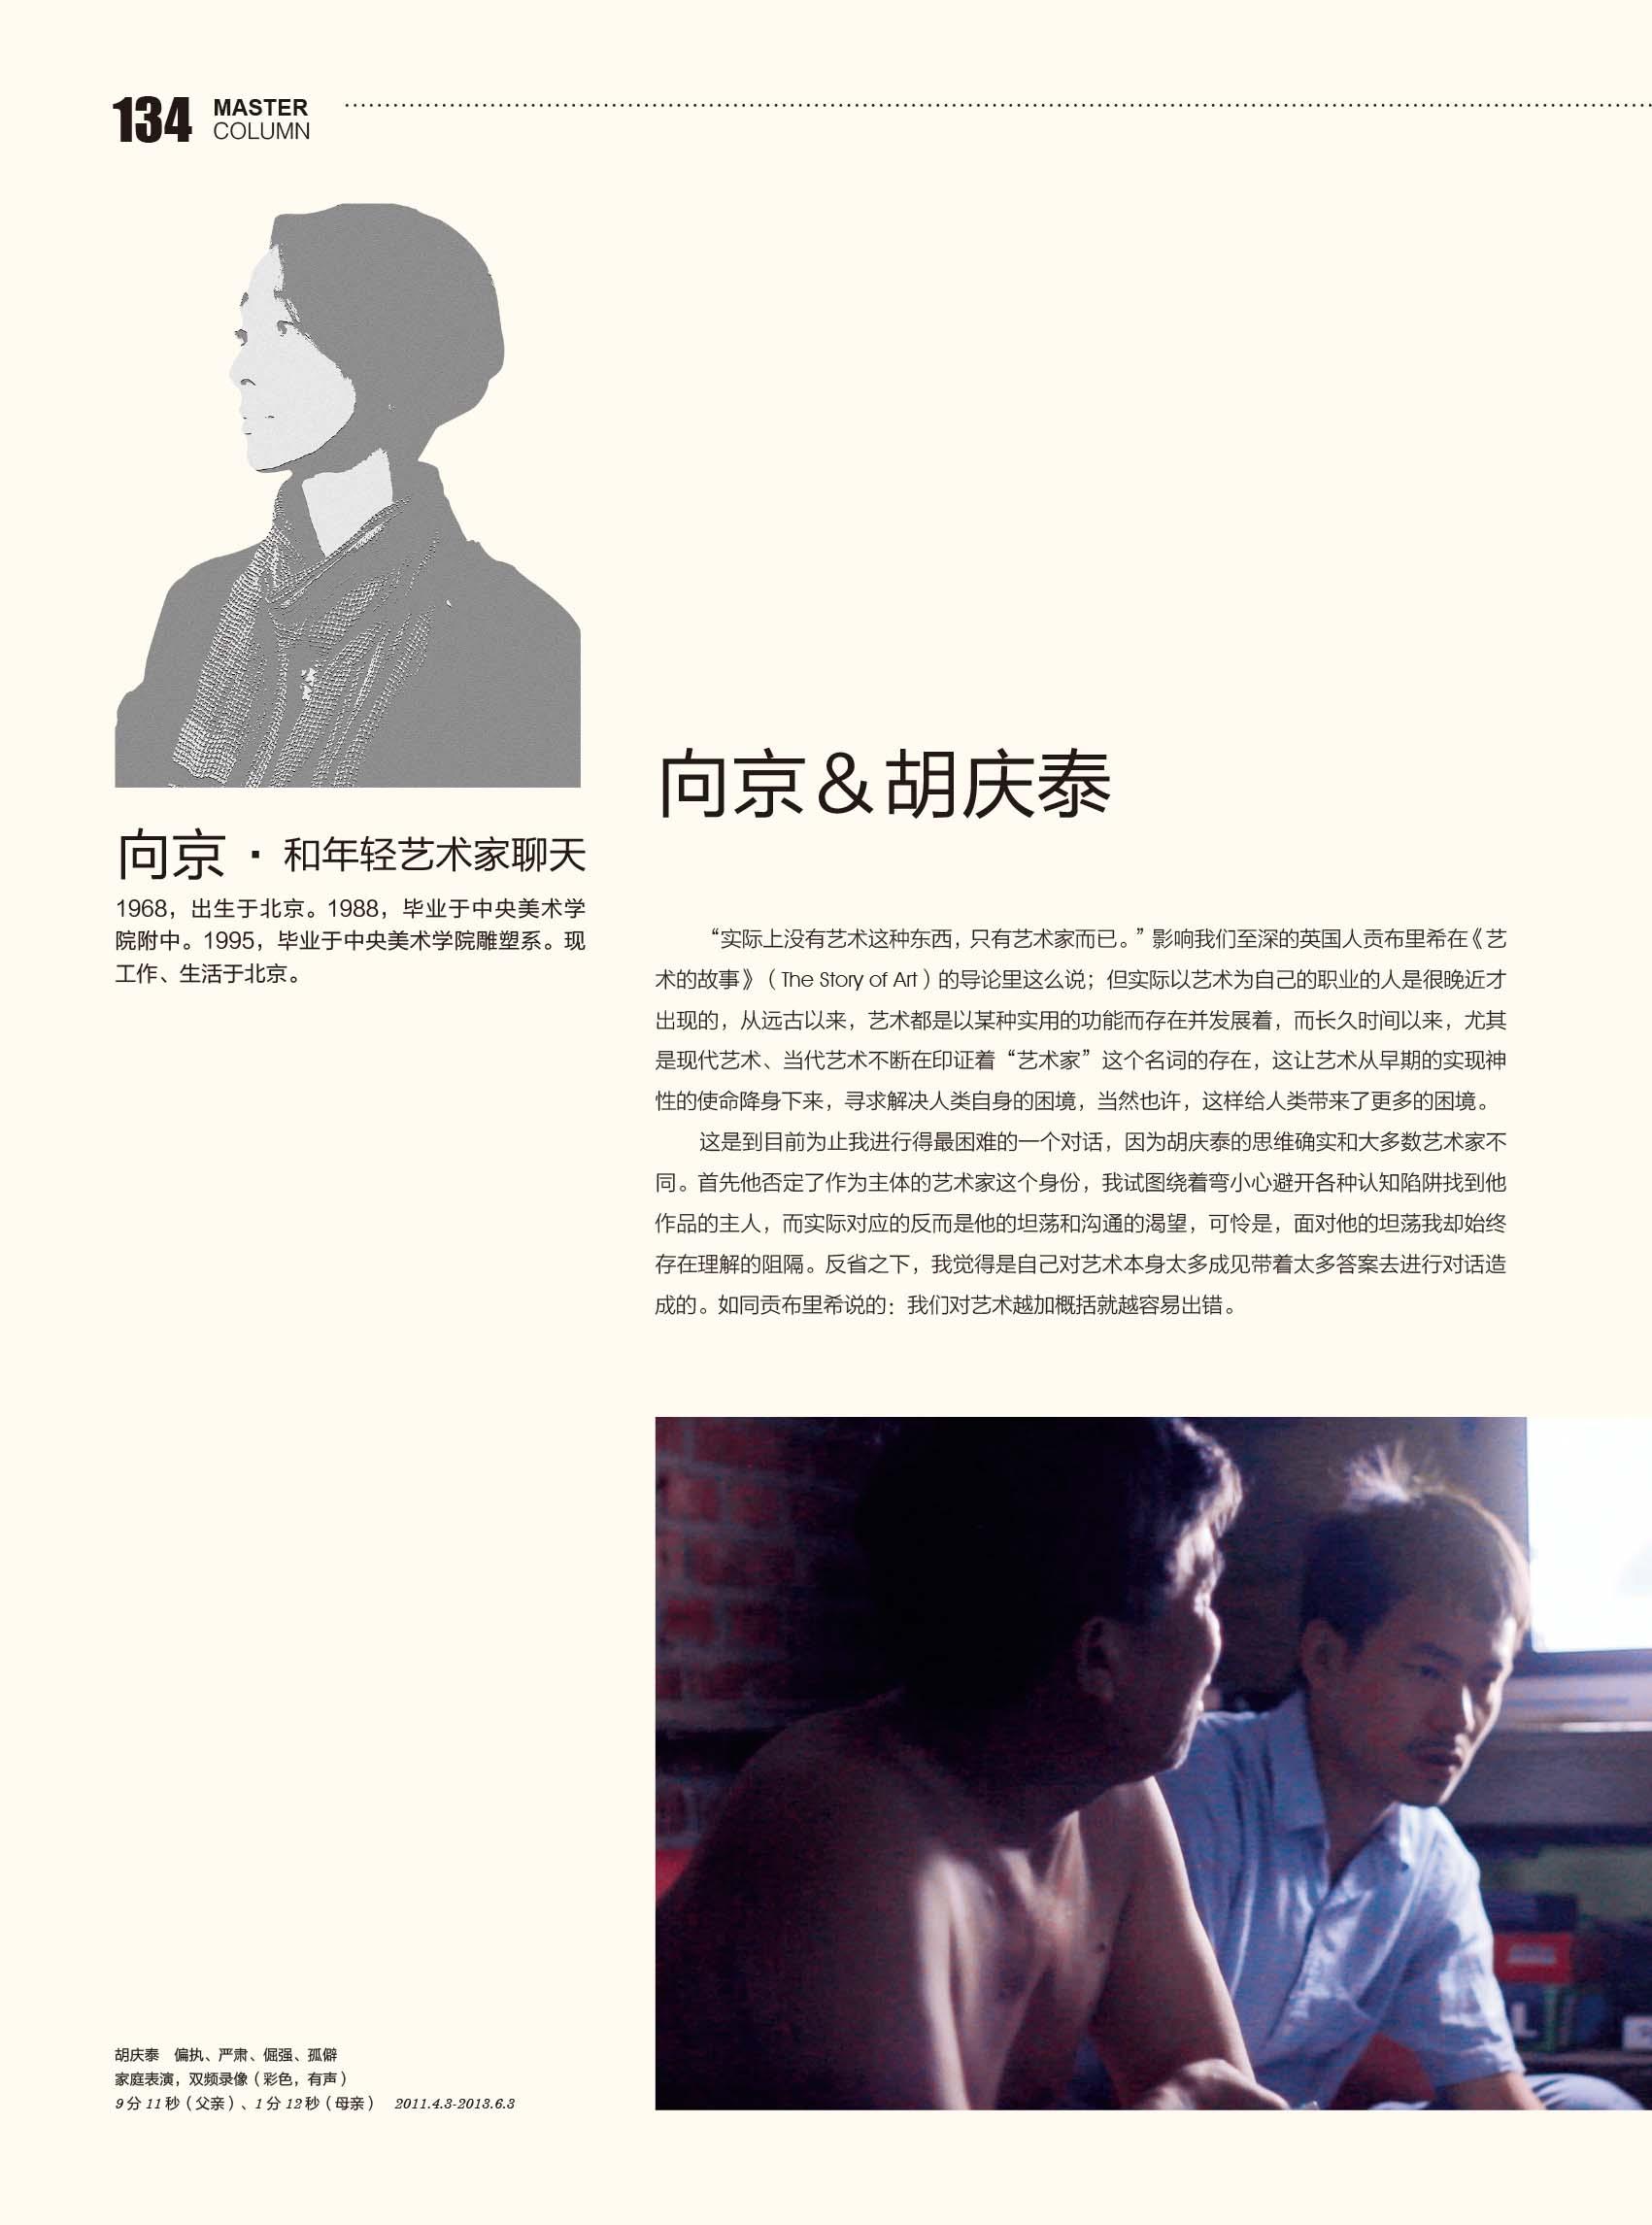 胡庆泰-15.jpg